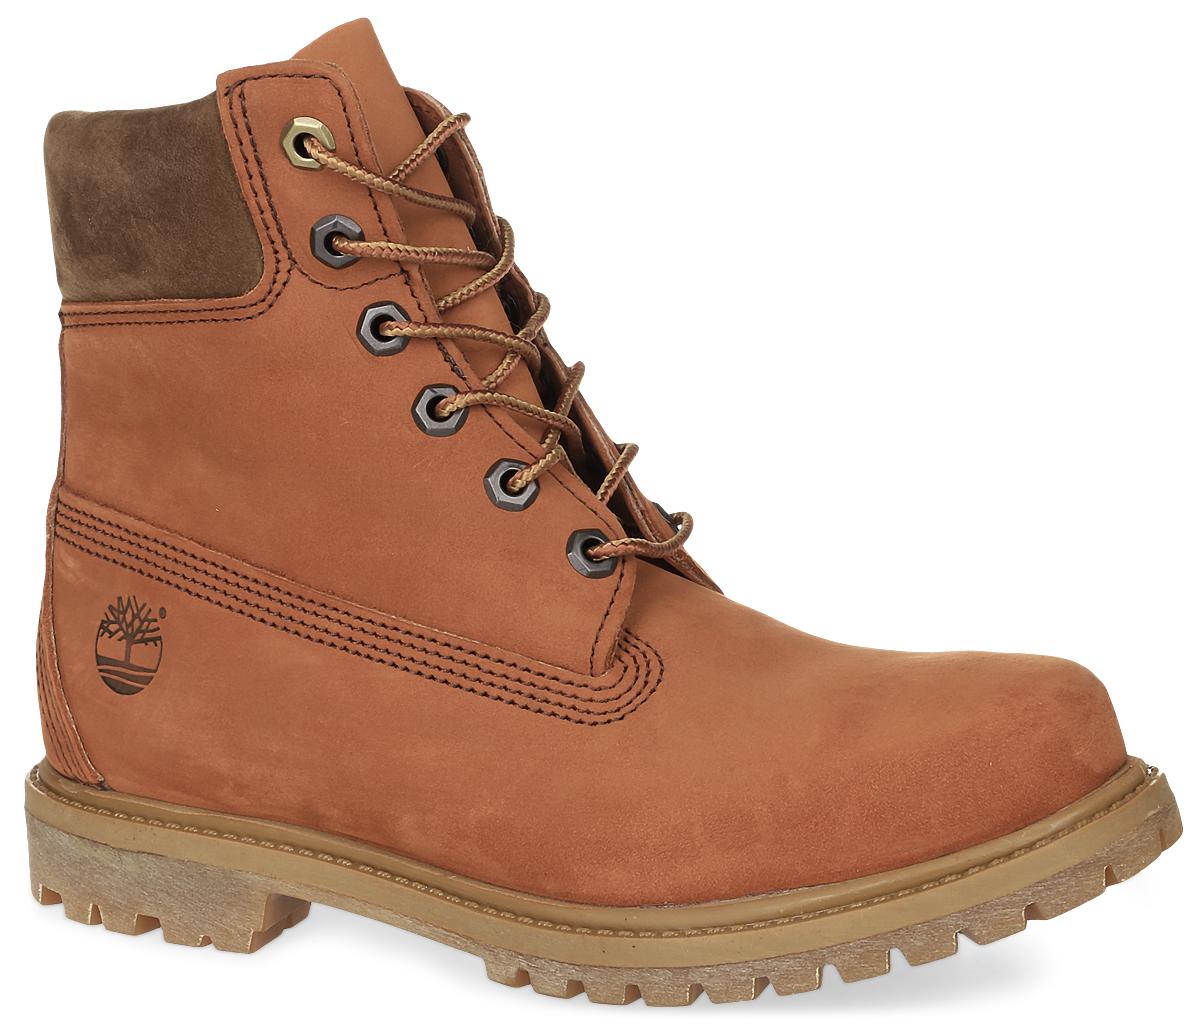 TBLA18NUWКлассические шестидюймовые ботинки 6-inch Premium Boot от Timberland заинтересуют вас своим дизайном с первого взгляда! Модель изготовлена из натурального нубука и сбоку оформлена тисненым логотипом бренда. Высокий язычок и шнуровка обеспечивают плотное прилегание верхней части ботинок к ноге, создавая дополнительную теплозащиту. Утеплитель Primaloft 400г и стелька Anti-Fatigue для большего комфорта обеспечивают максимальный комфорт при движении. Каблук и подошва с протектором гарантируют идеальное сцепление с любыми поверхностями.